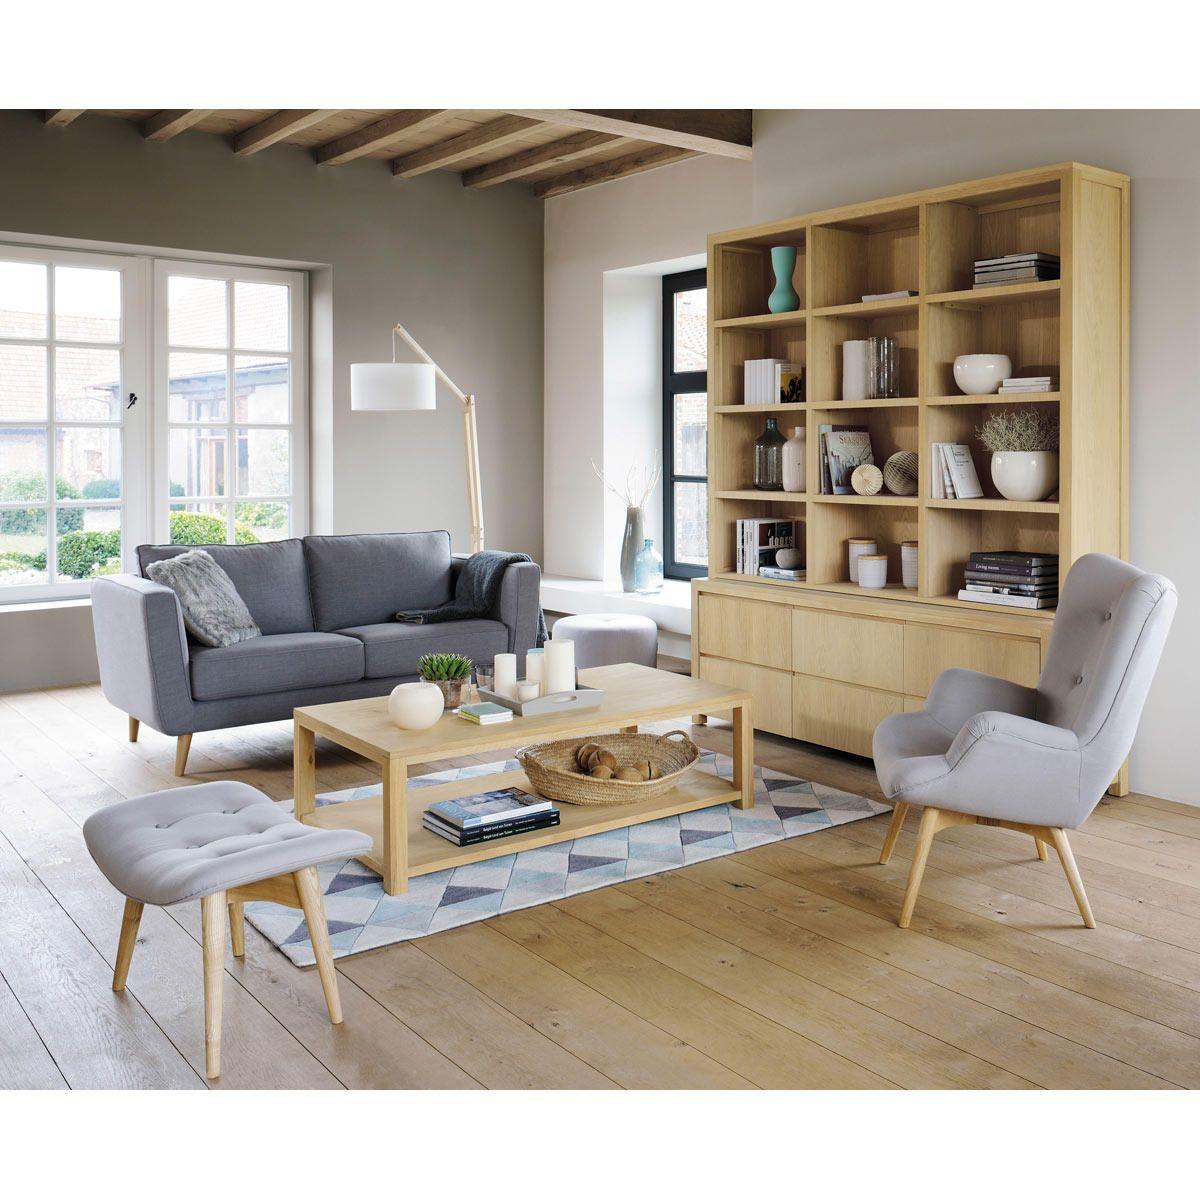 fauteuil style scandinave gris clair fauteuils et. Black Bedroom Furniture Sets. Home Design Ideas